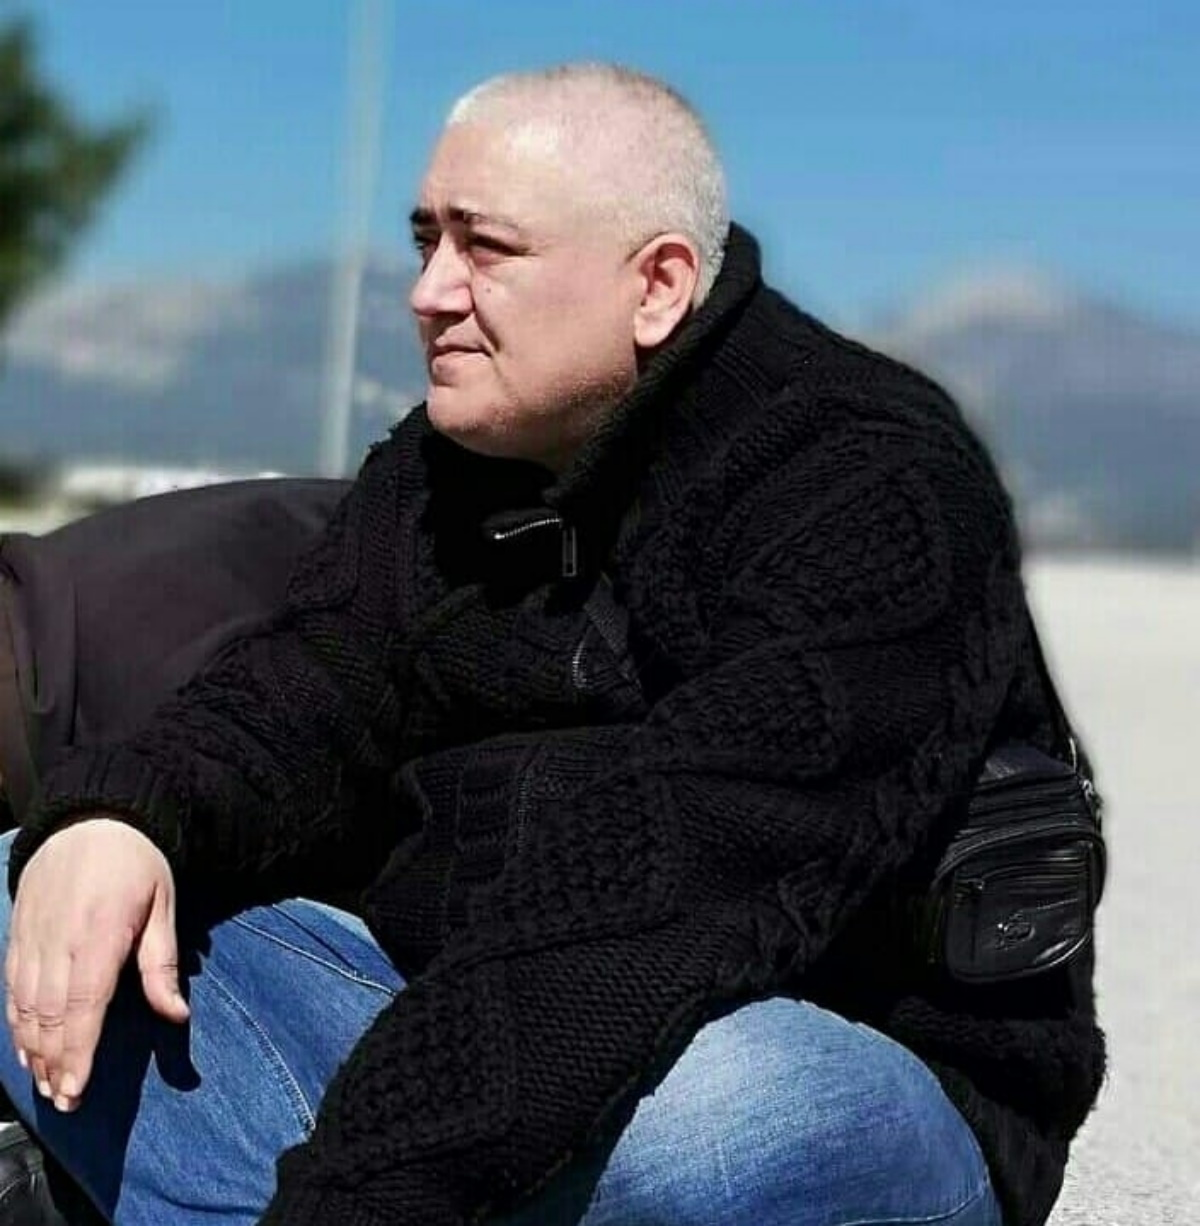 Κώστας Ζάπας: Η απάντηση του σκηνοθέτη μετά τις καταγγελίες για σεξουαλική παρενόχληση